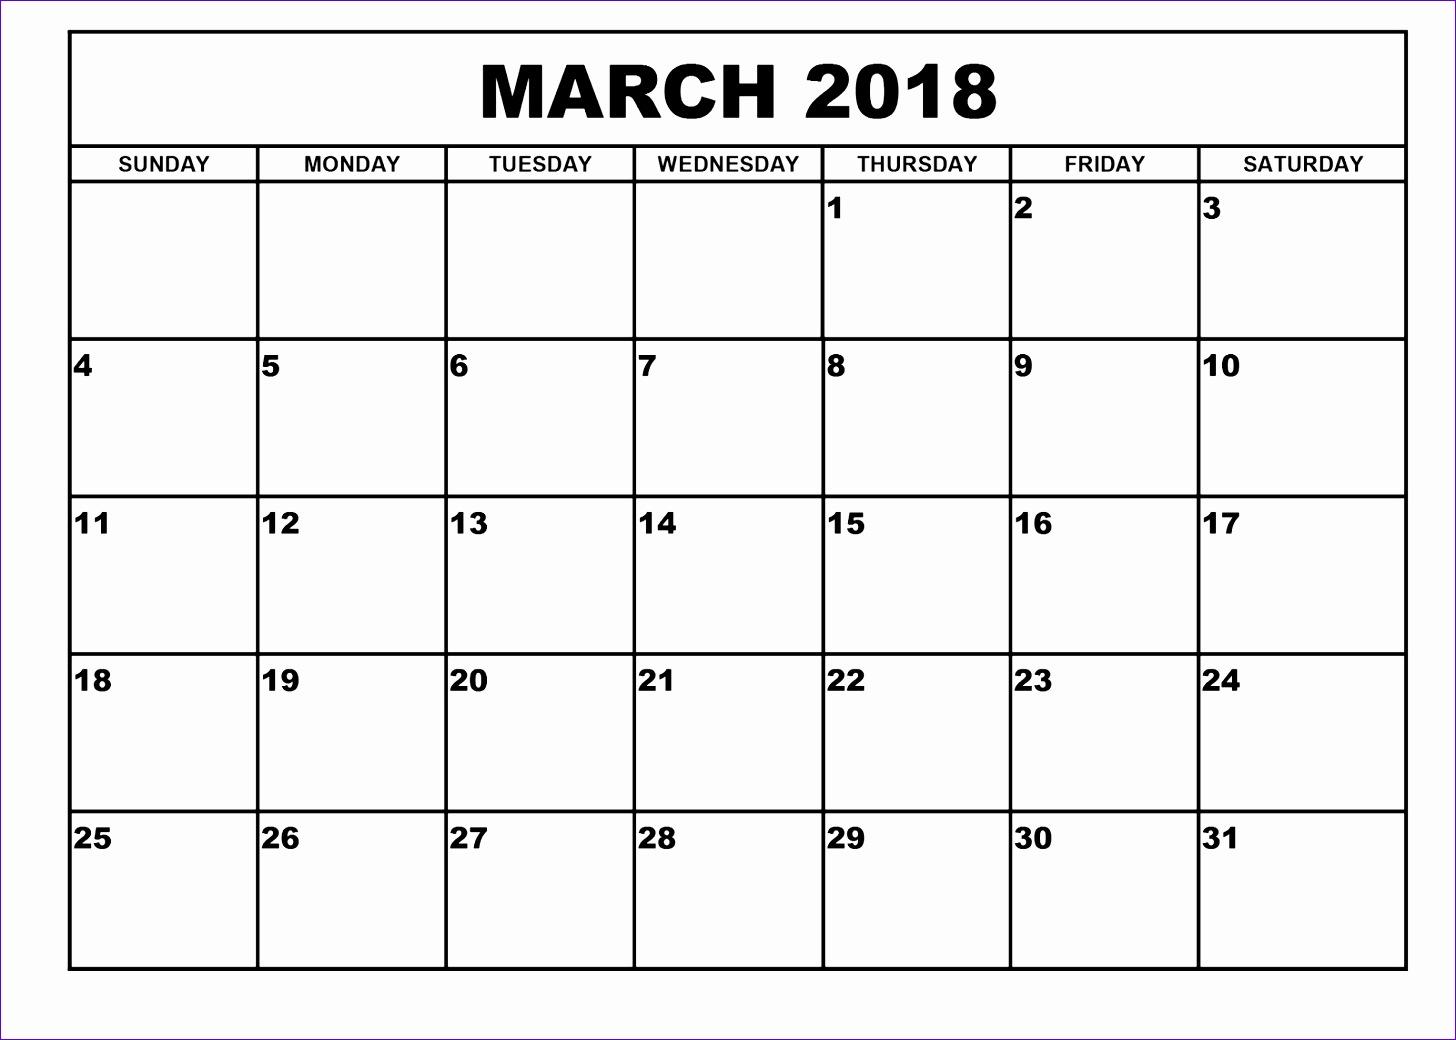 march 2018 calendar template 2464 14561040